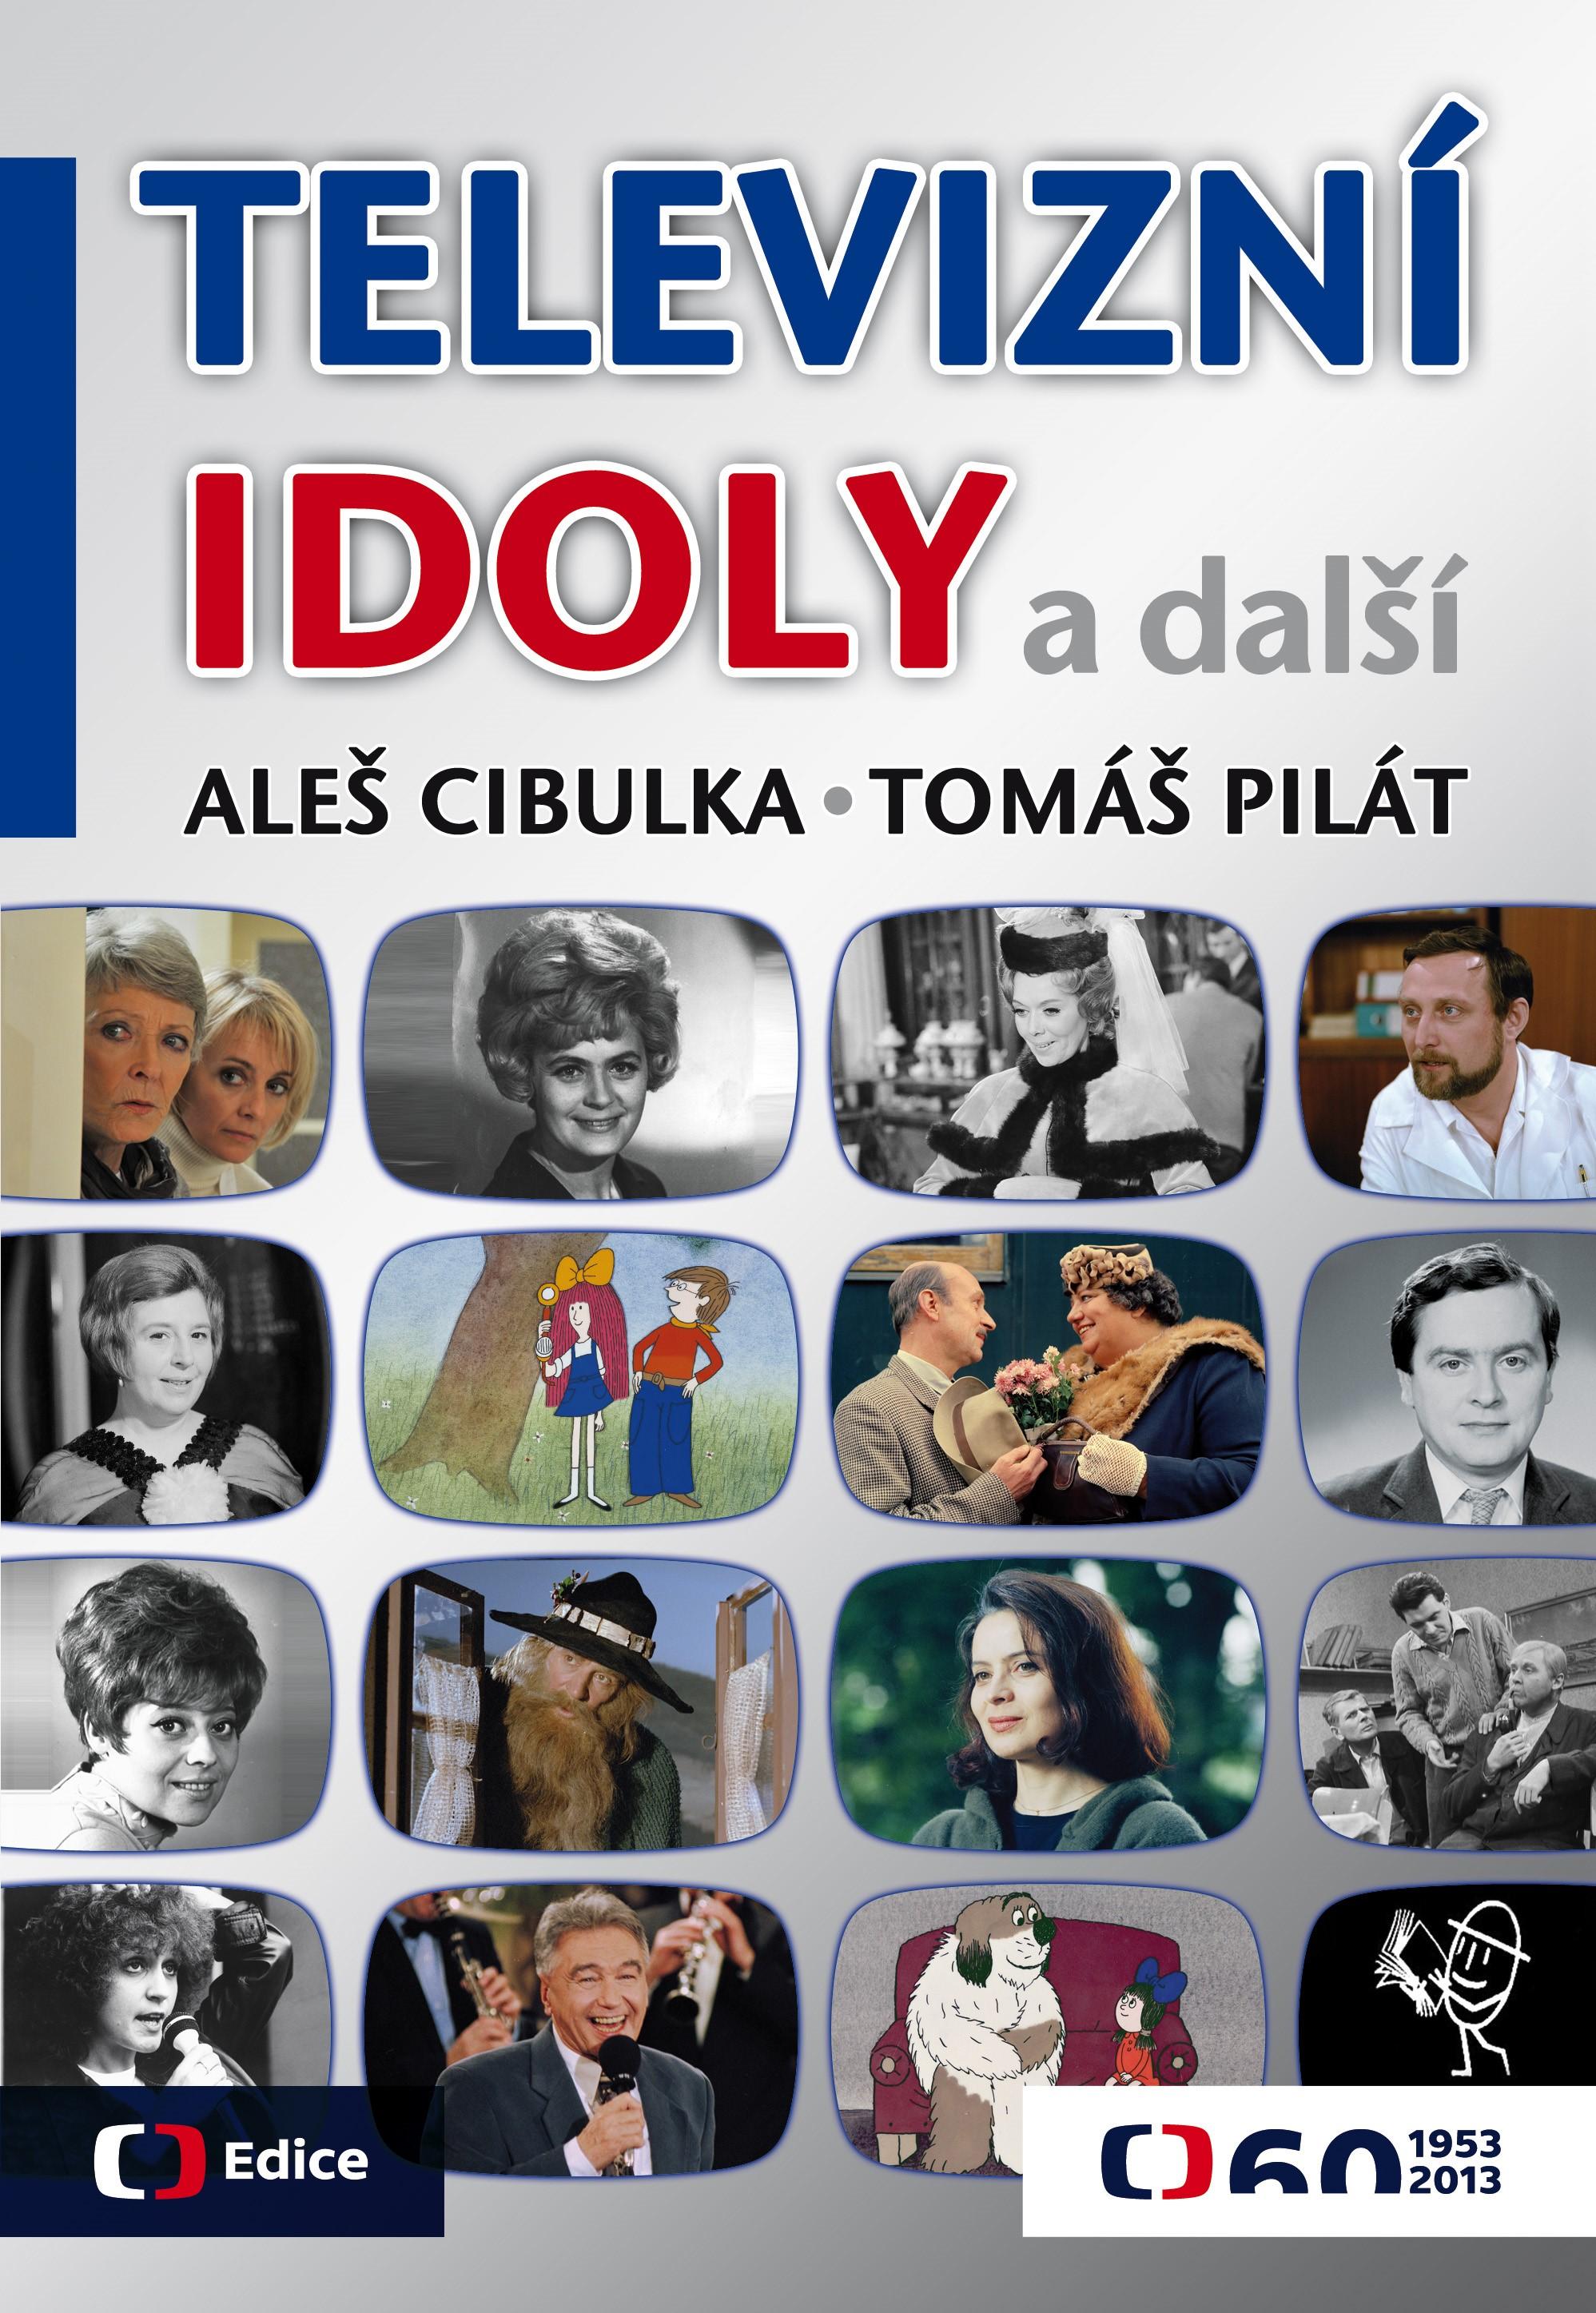 Televizní idoly